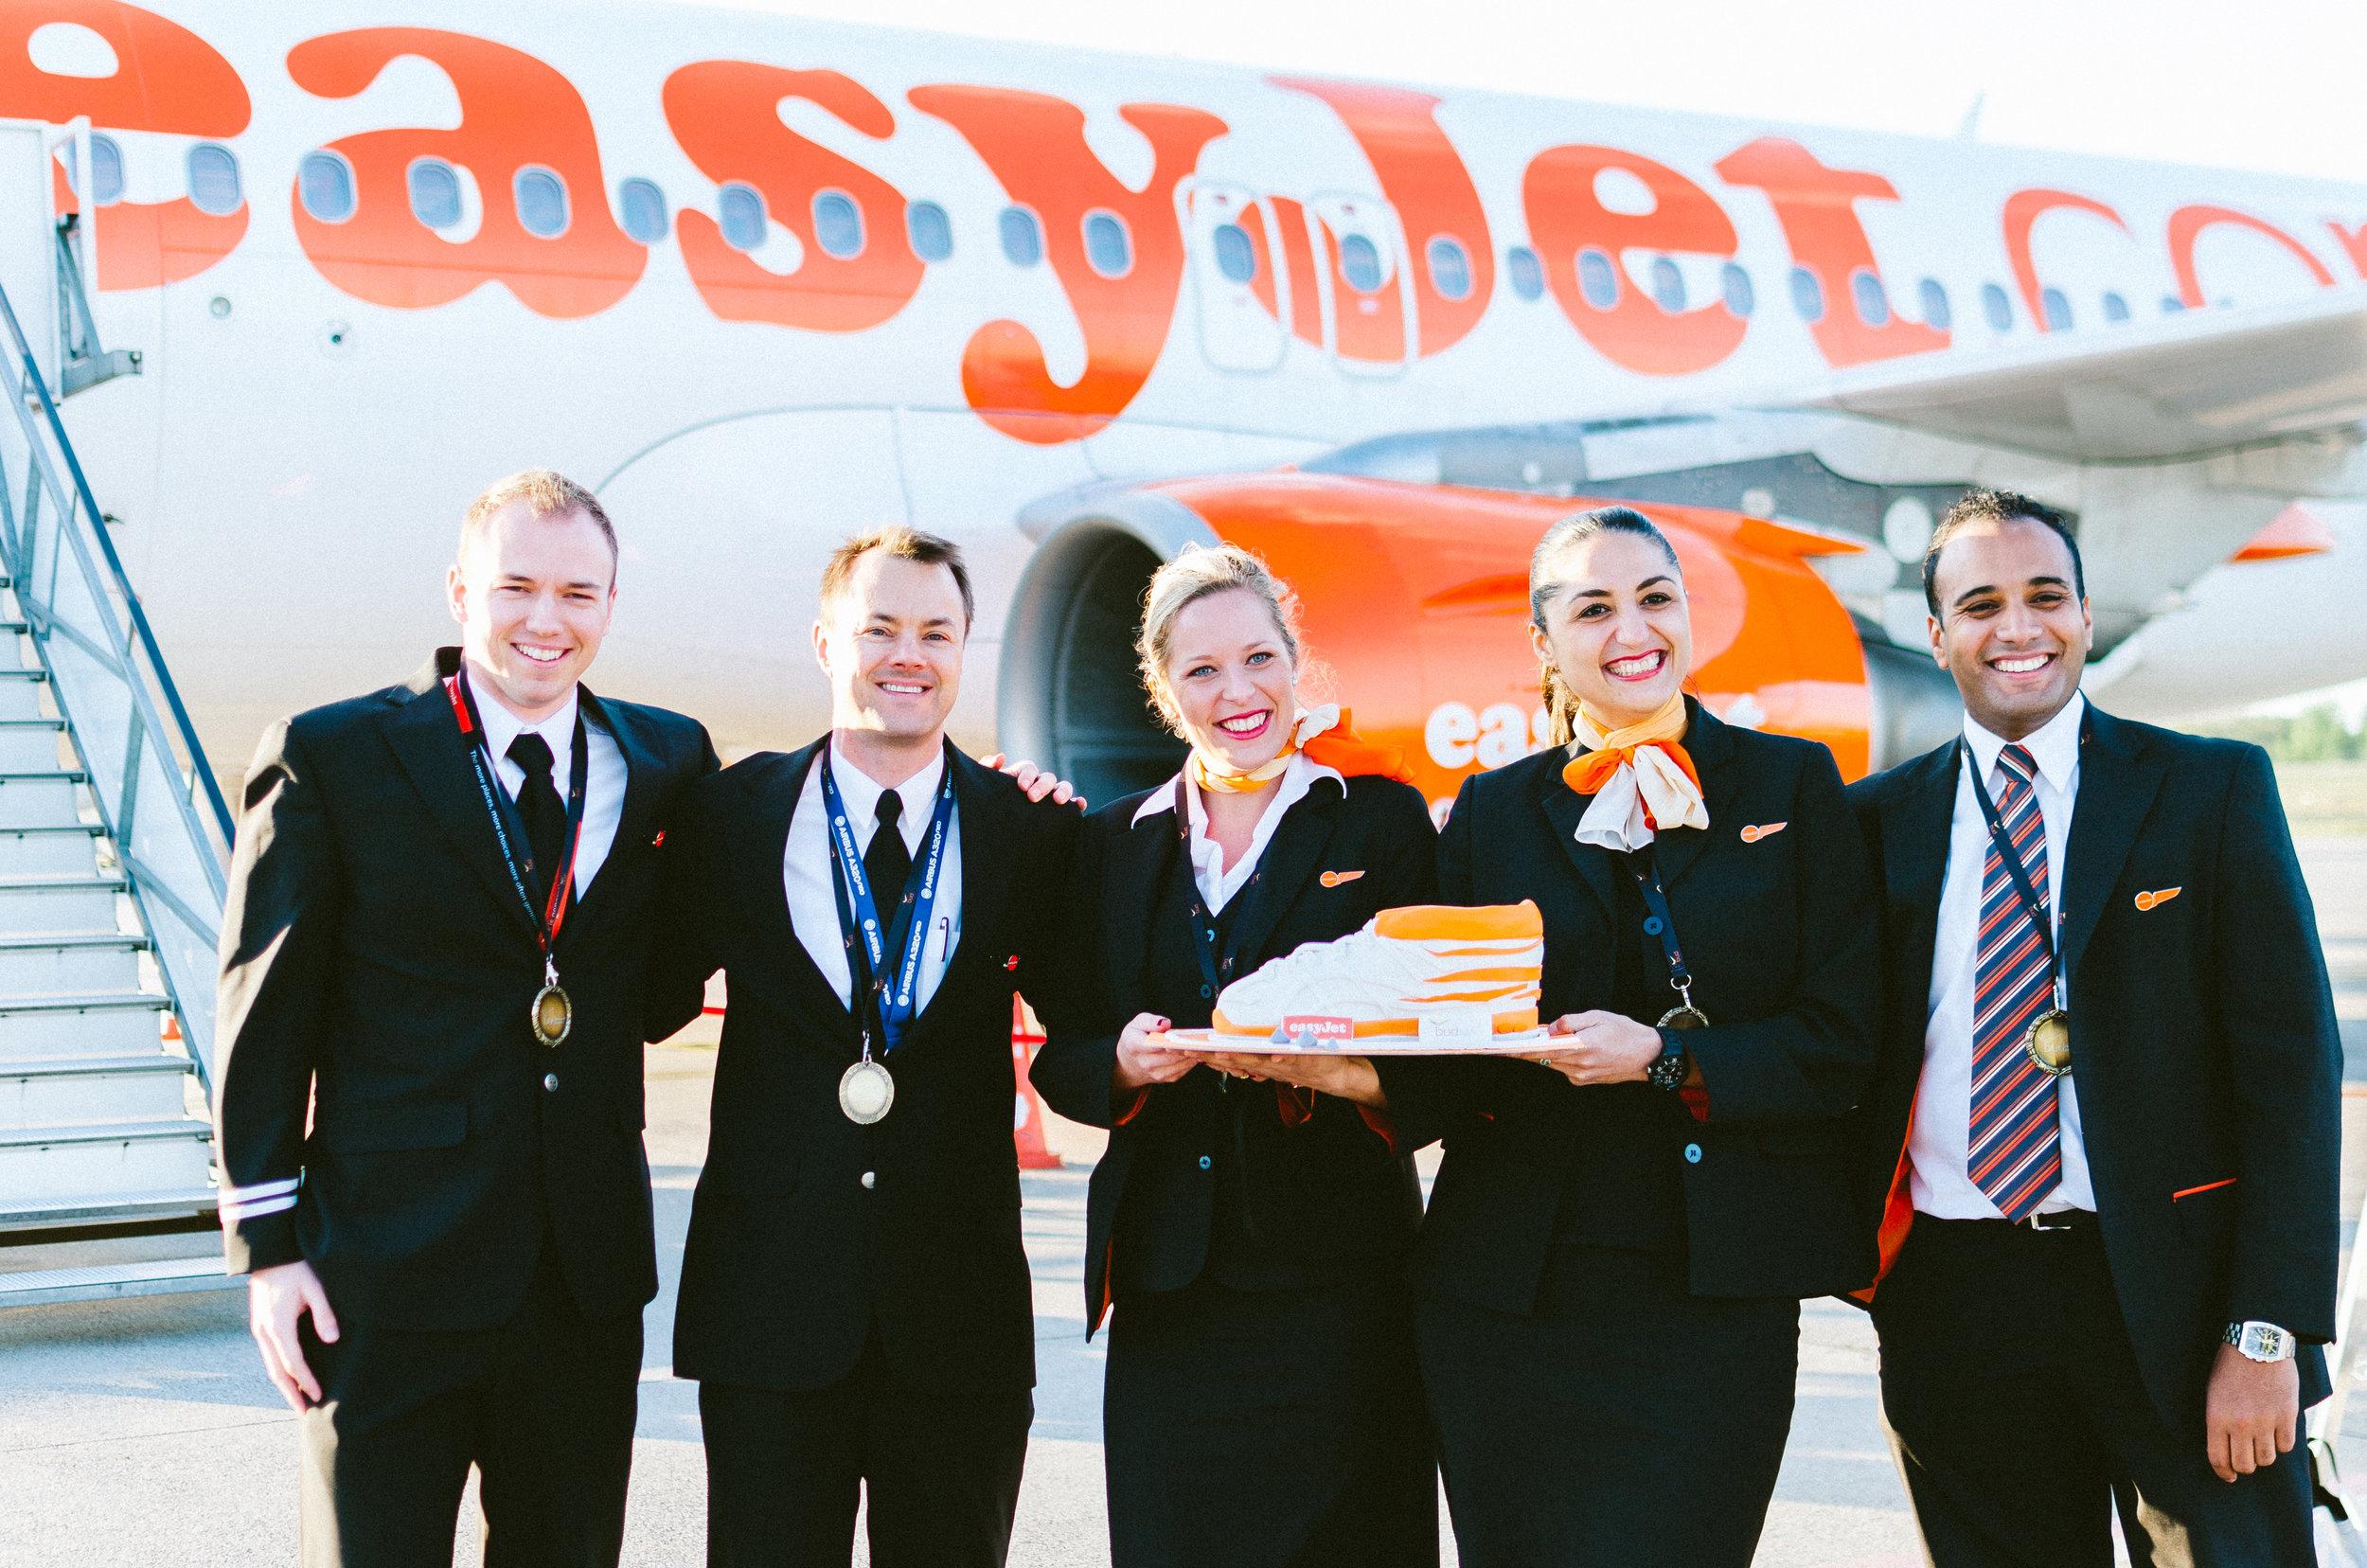 EasyJet-0426-24.jpg